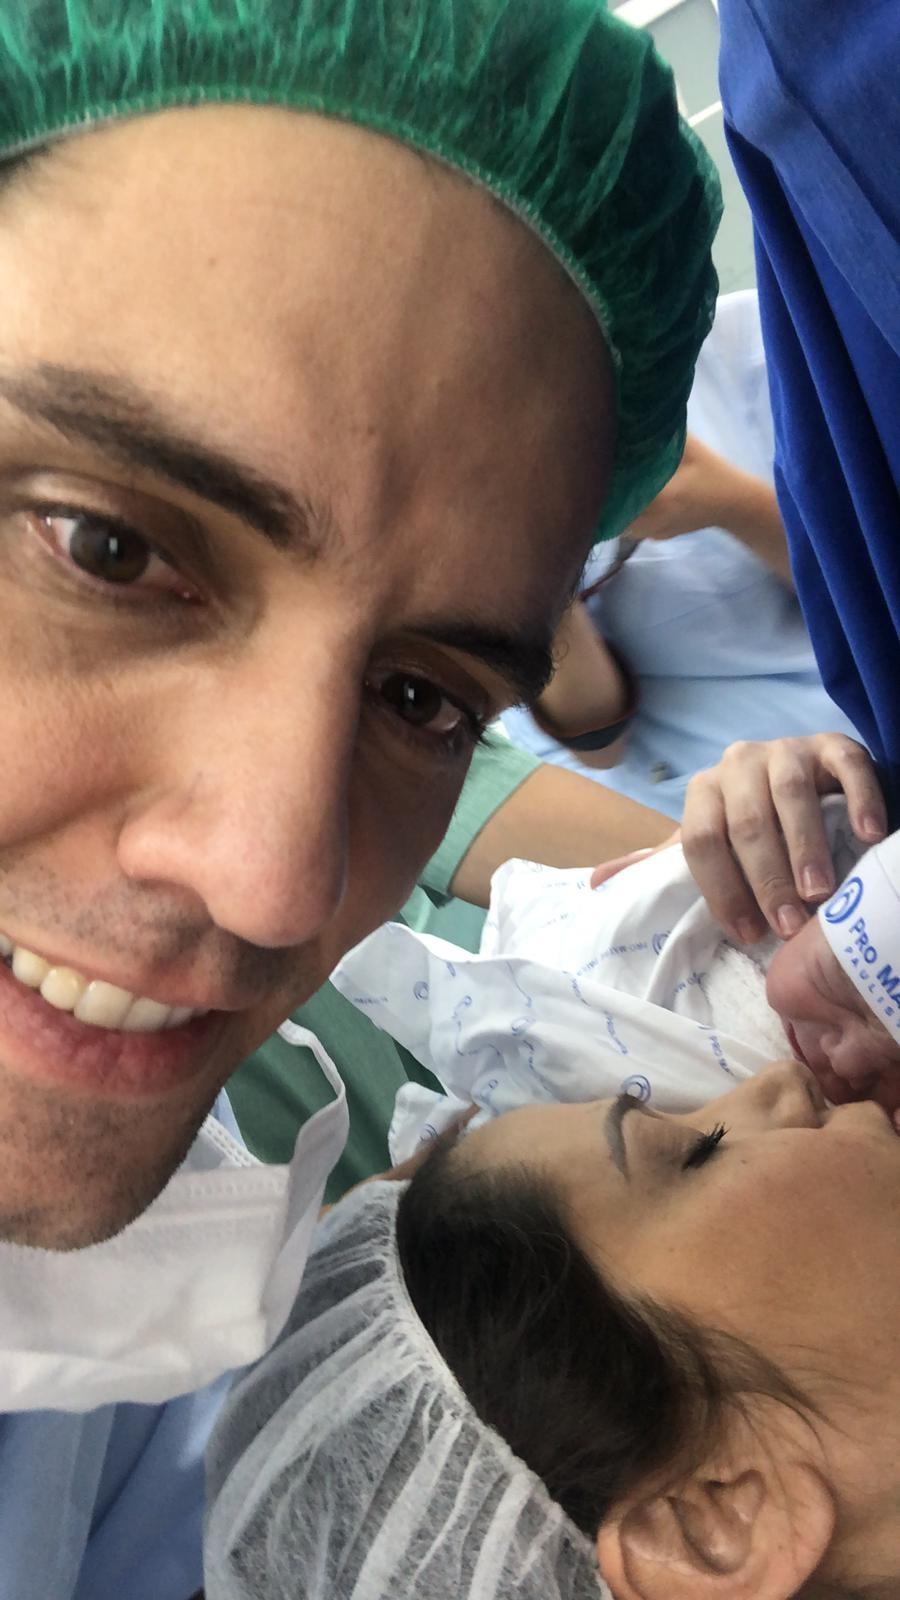 Thiago Arancam e Aline Frare com o filho, Francisco (Foto: Arquivo pessoal)